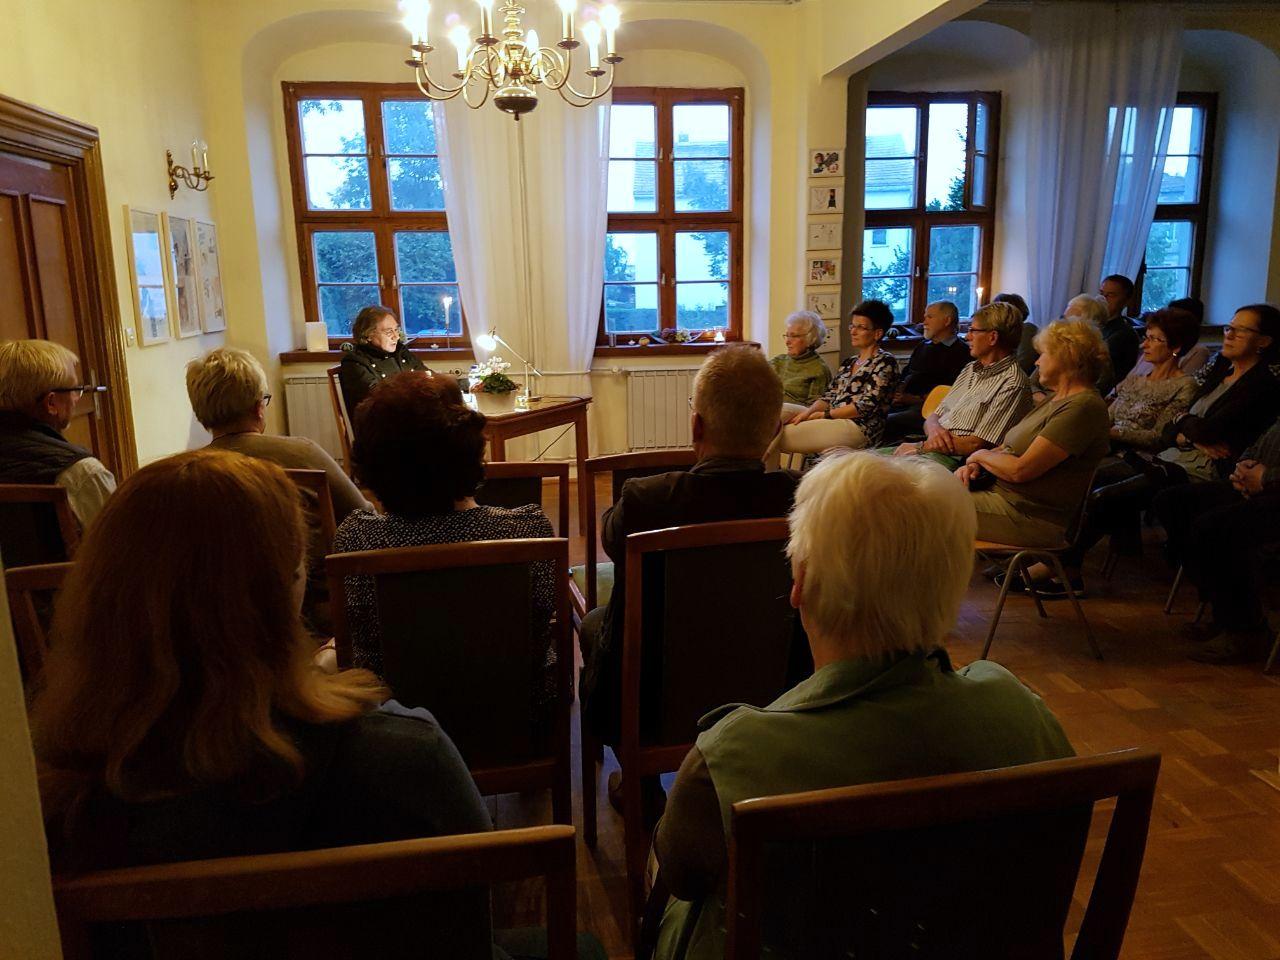 Wir trinken Wein und dann - Andreas Hähle_22.09.17-2